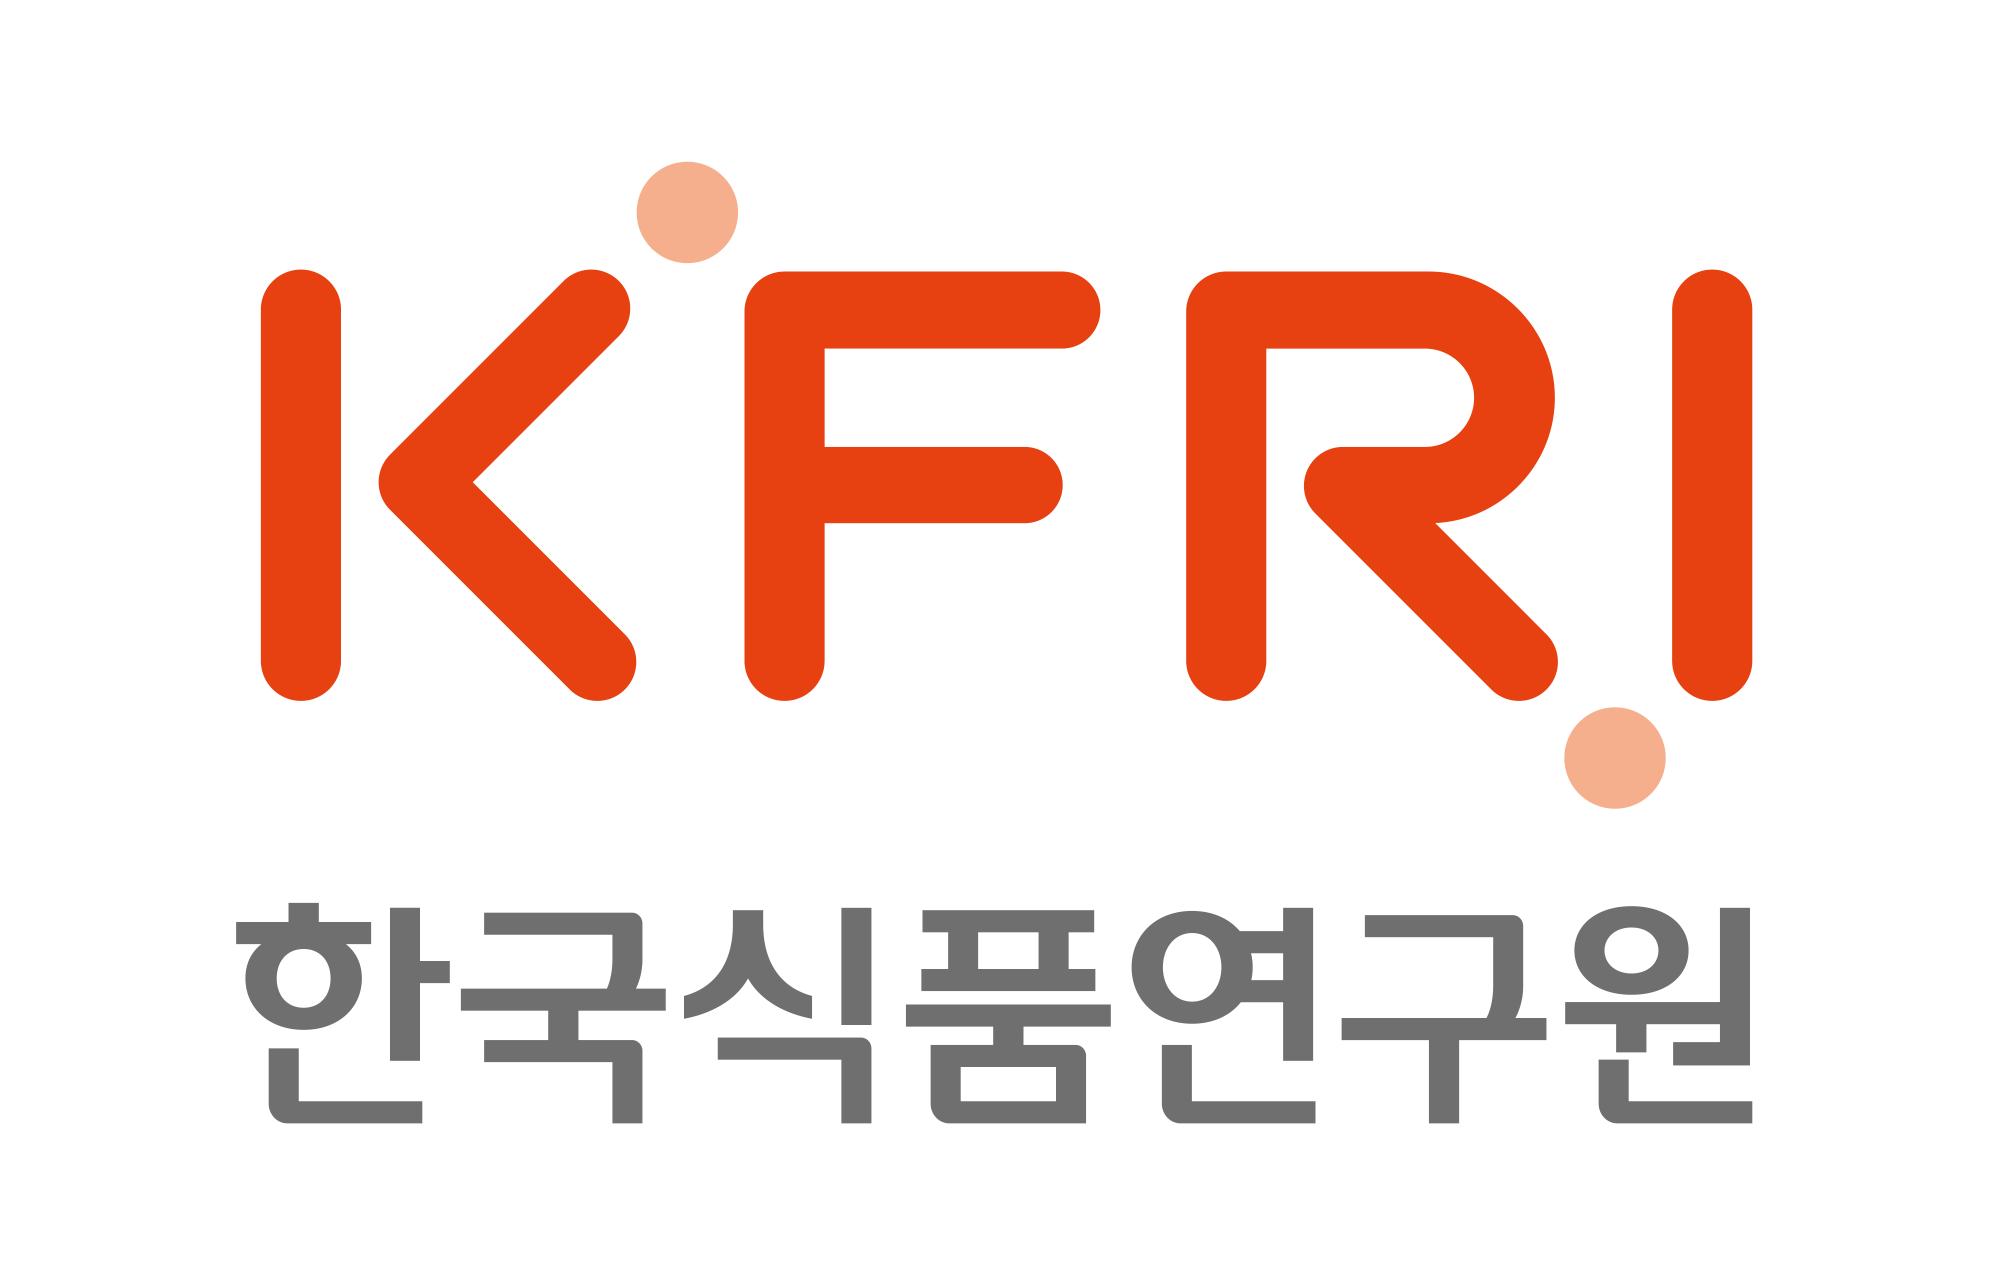 과학기술정보통신부의 계열사 한국식품연구원의 로고